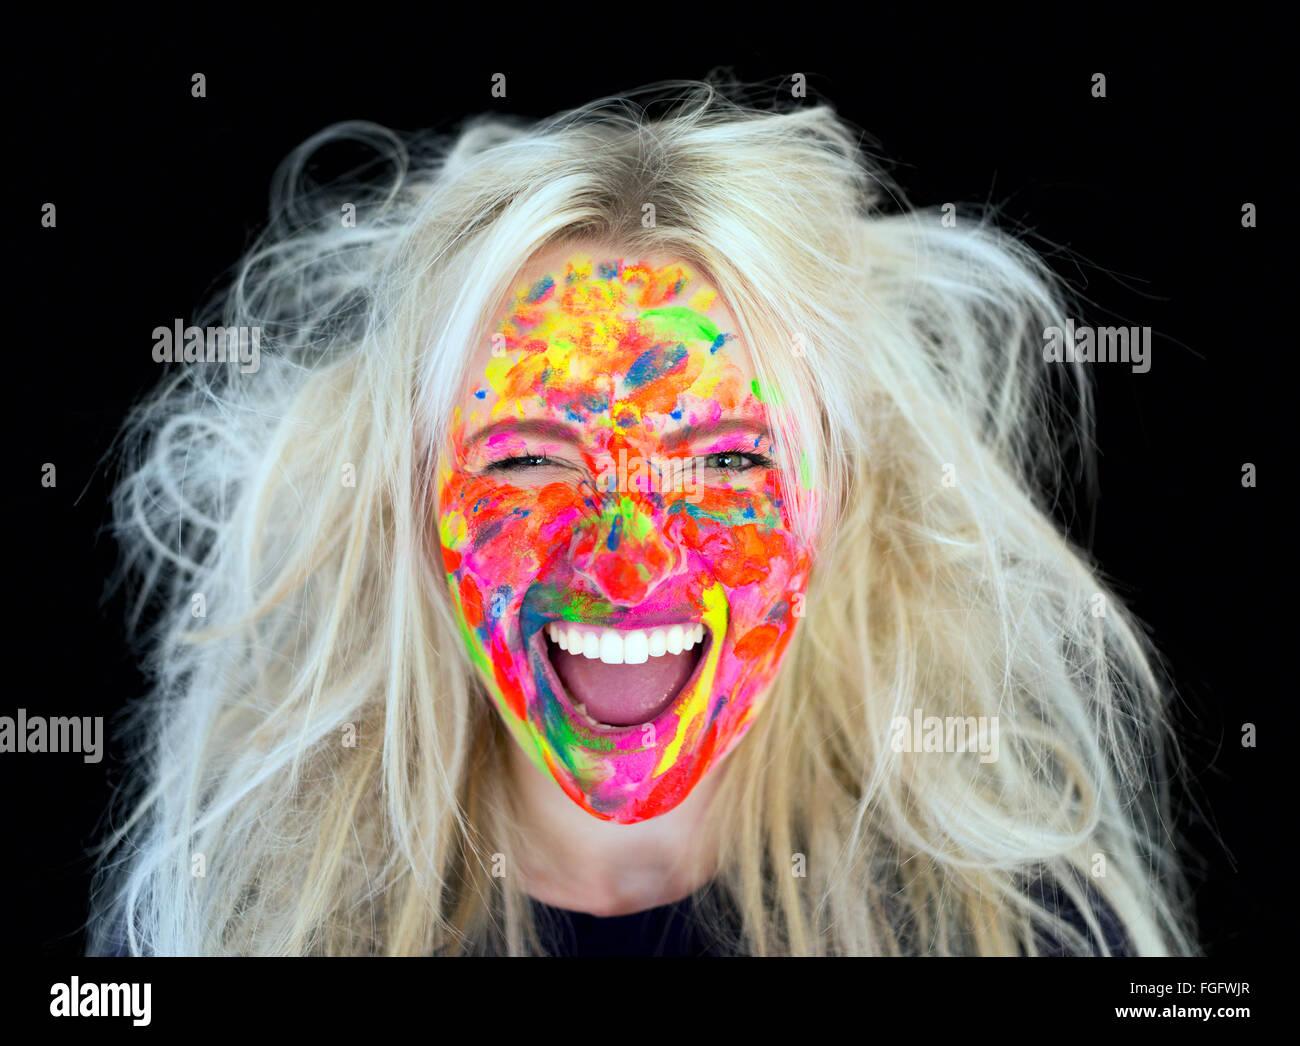 Mujer con cabello rubio desordenado con el rostro cubierto de pintura multicolor riendo Imagen De Stock